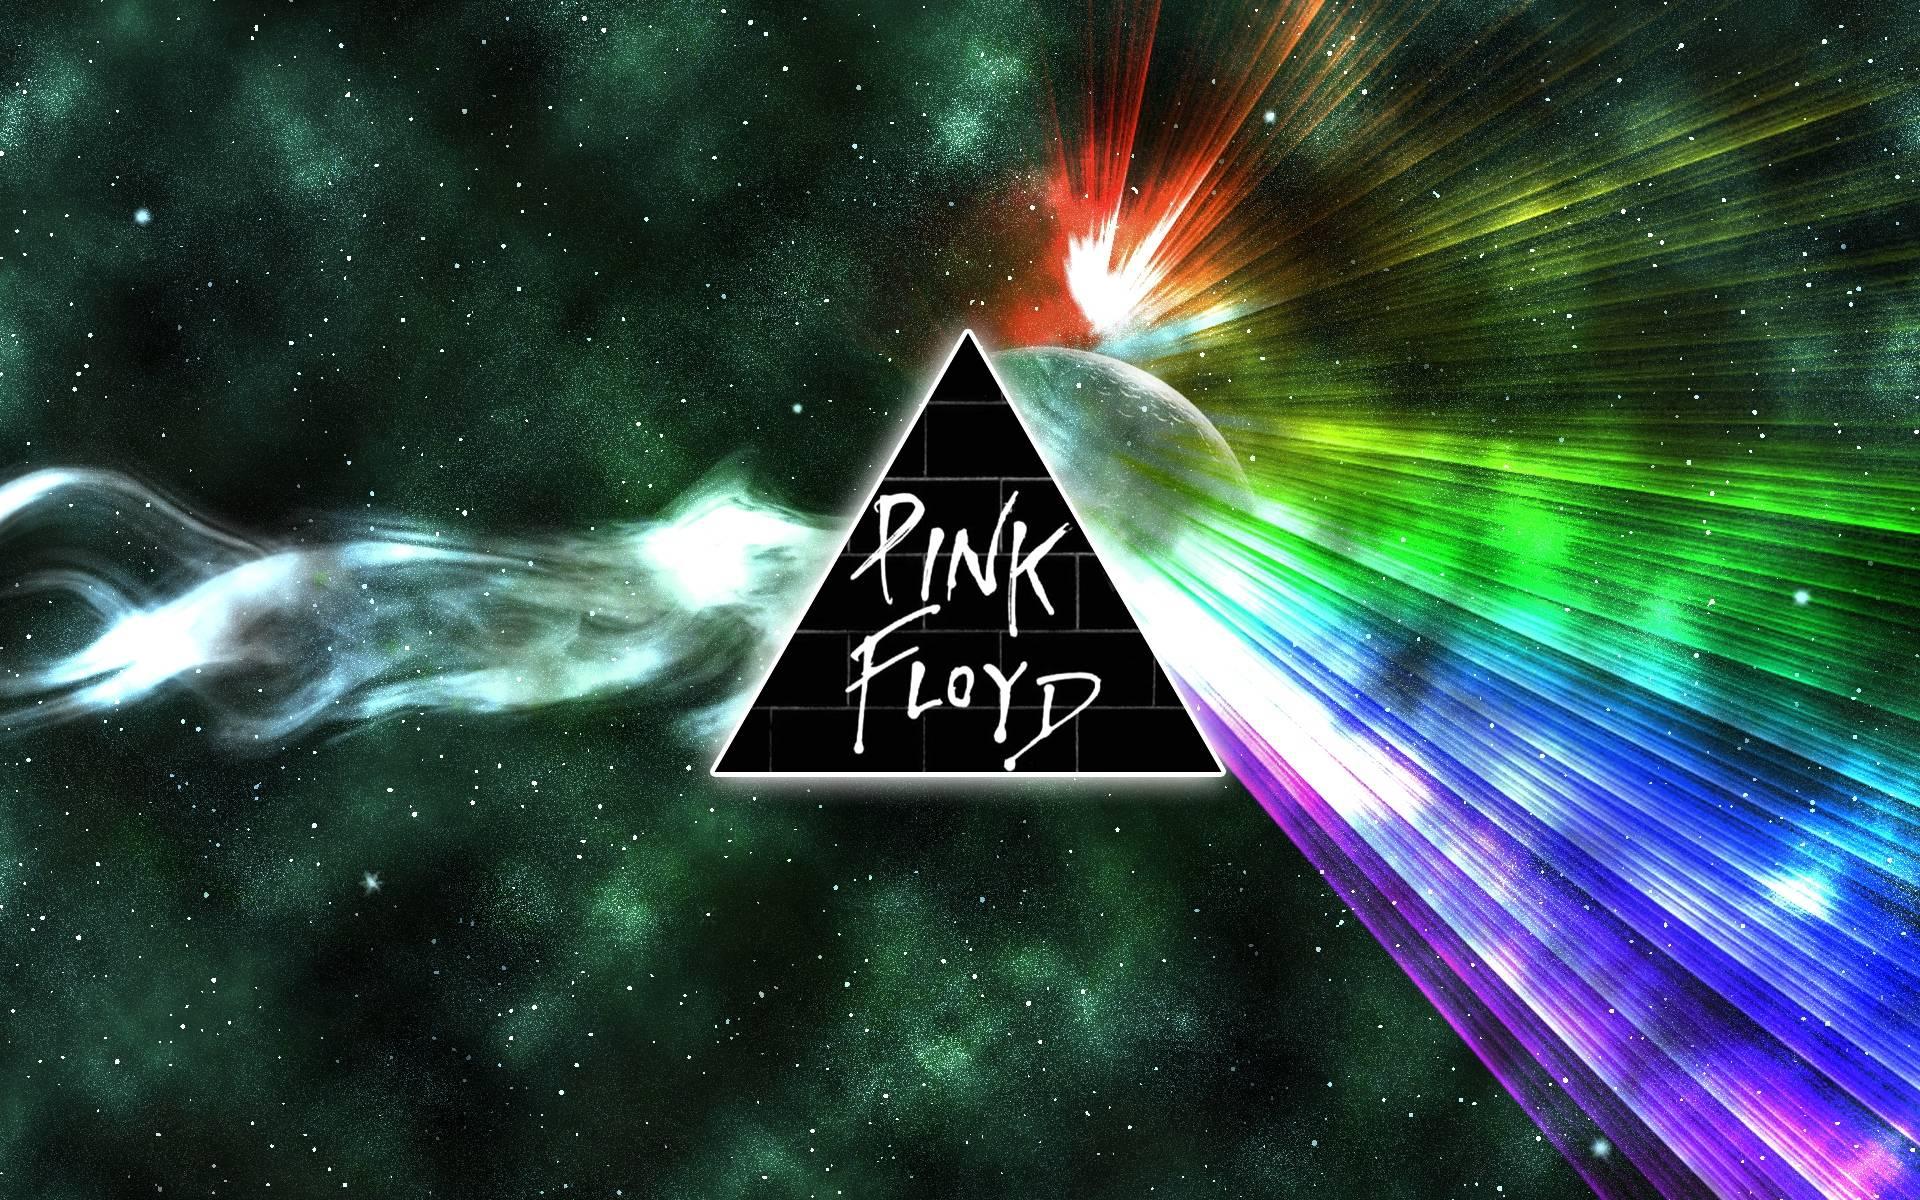 Pink Floyd Wallpapers Hd Pixelstalk Net